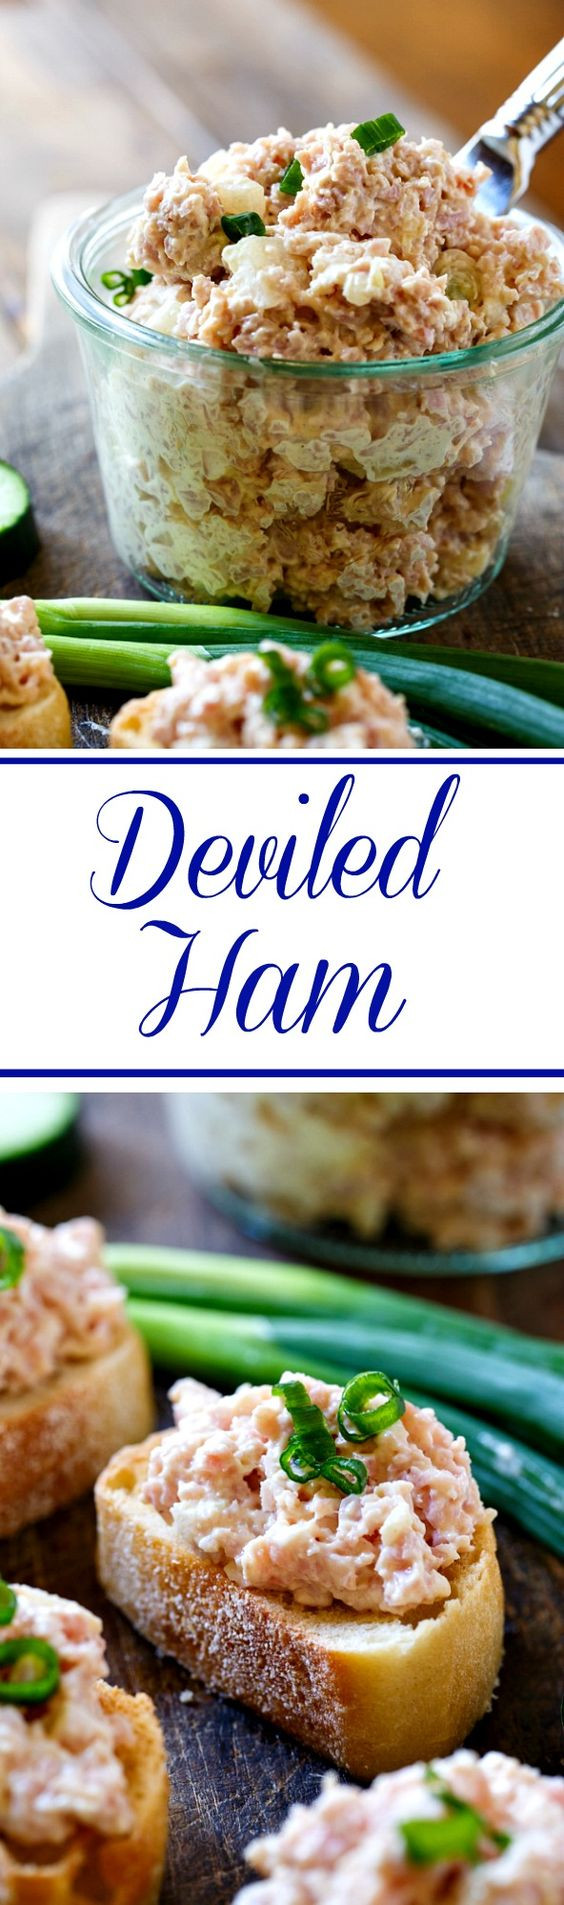 Salads For Easter Ham Dinner  Pinterest • The world's catalog of ideas